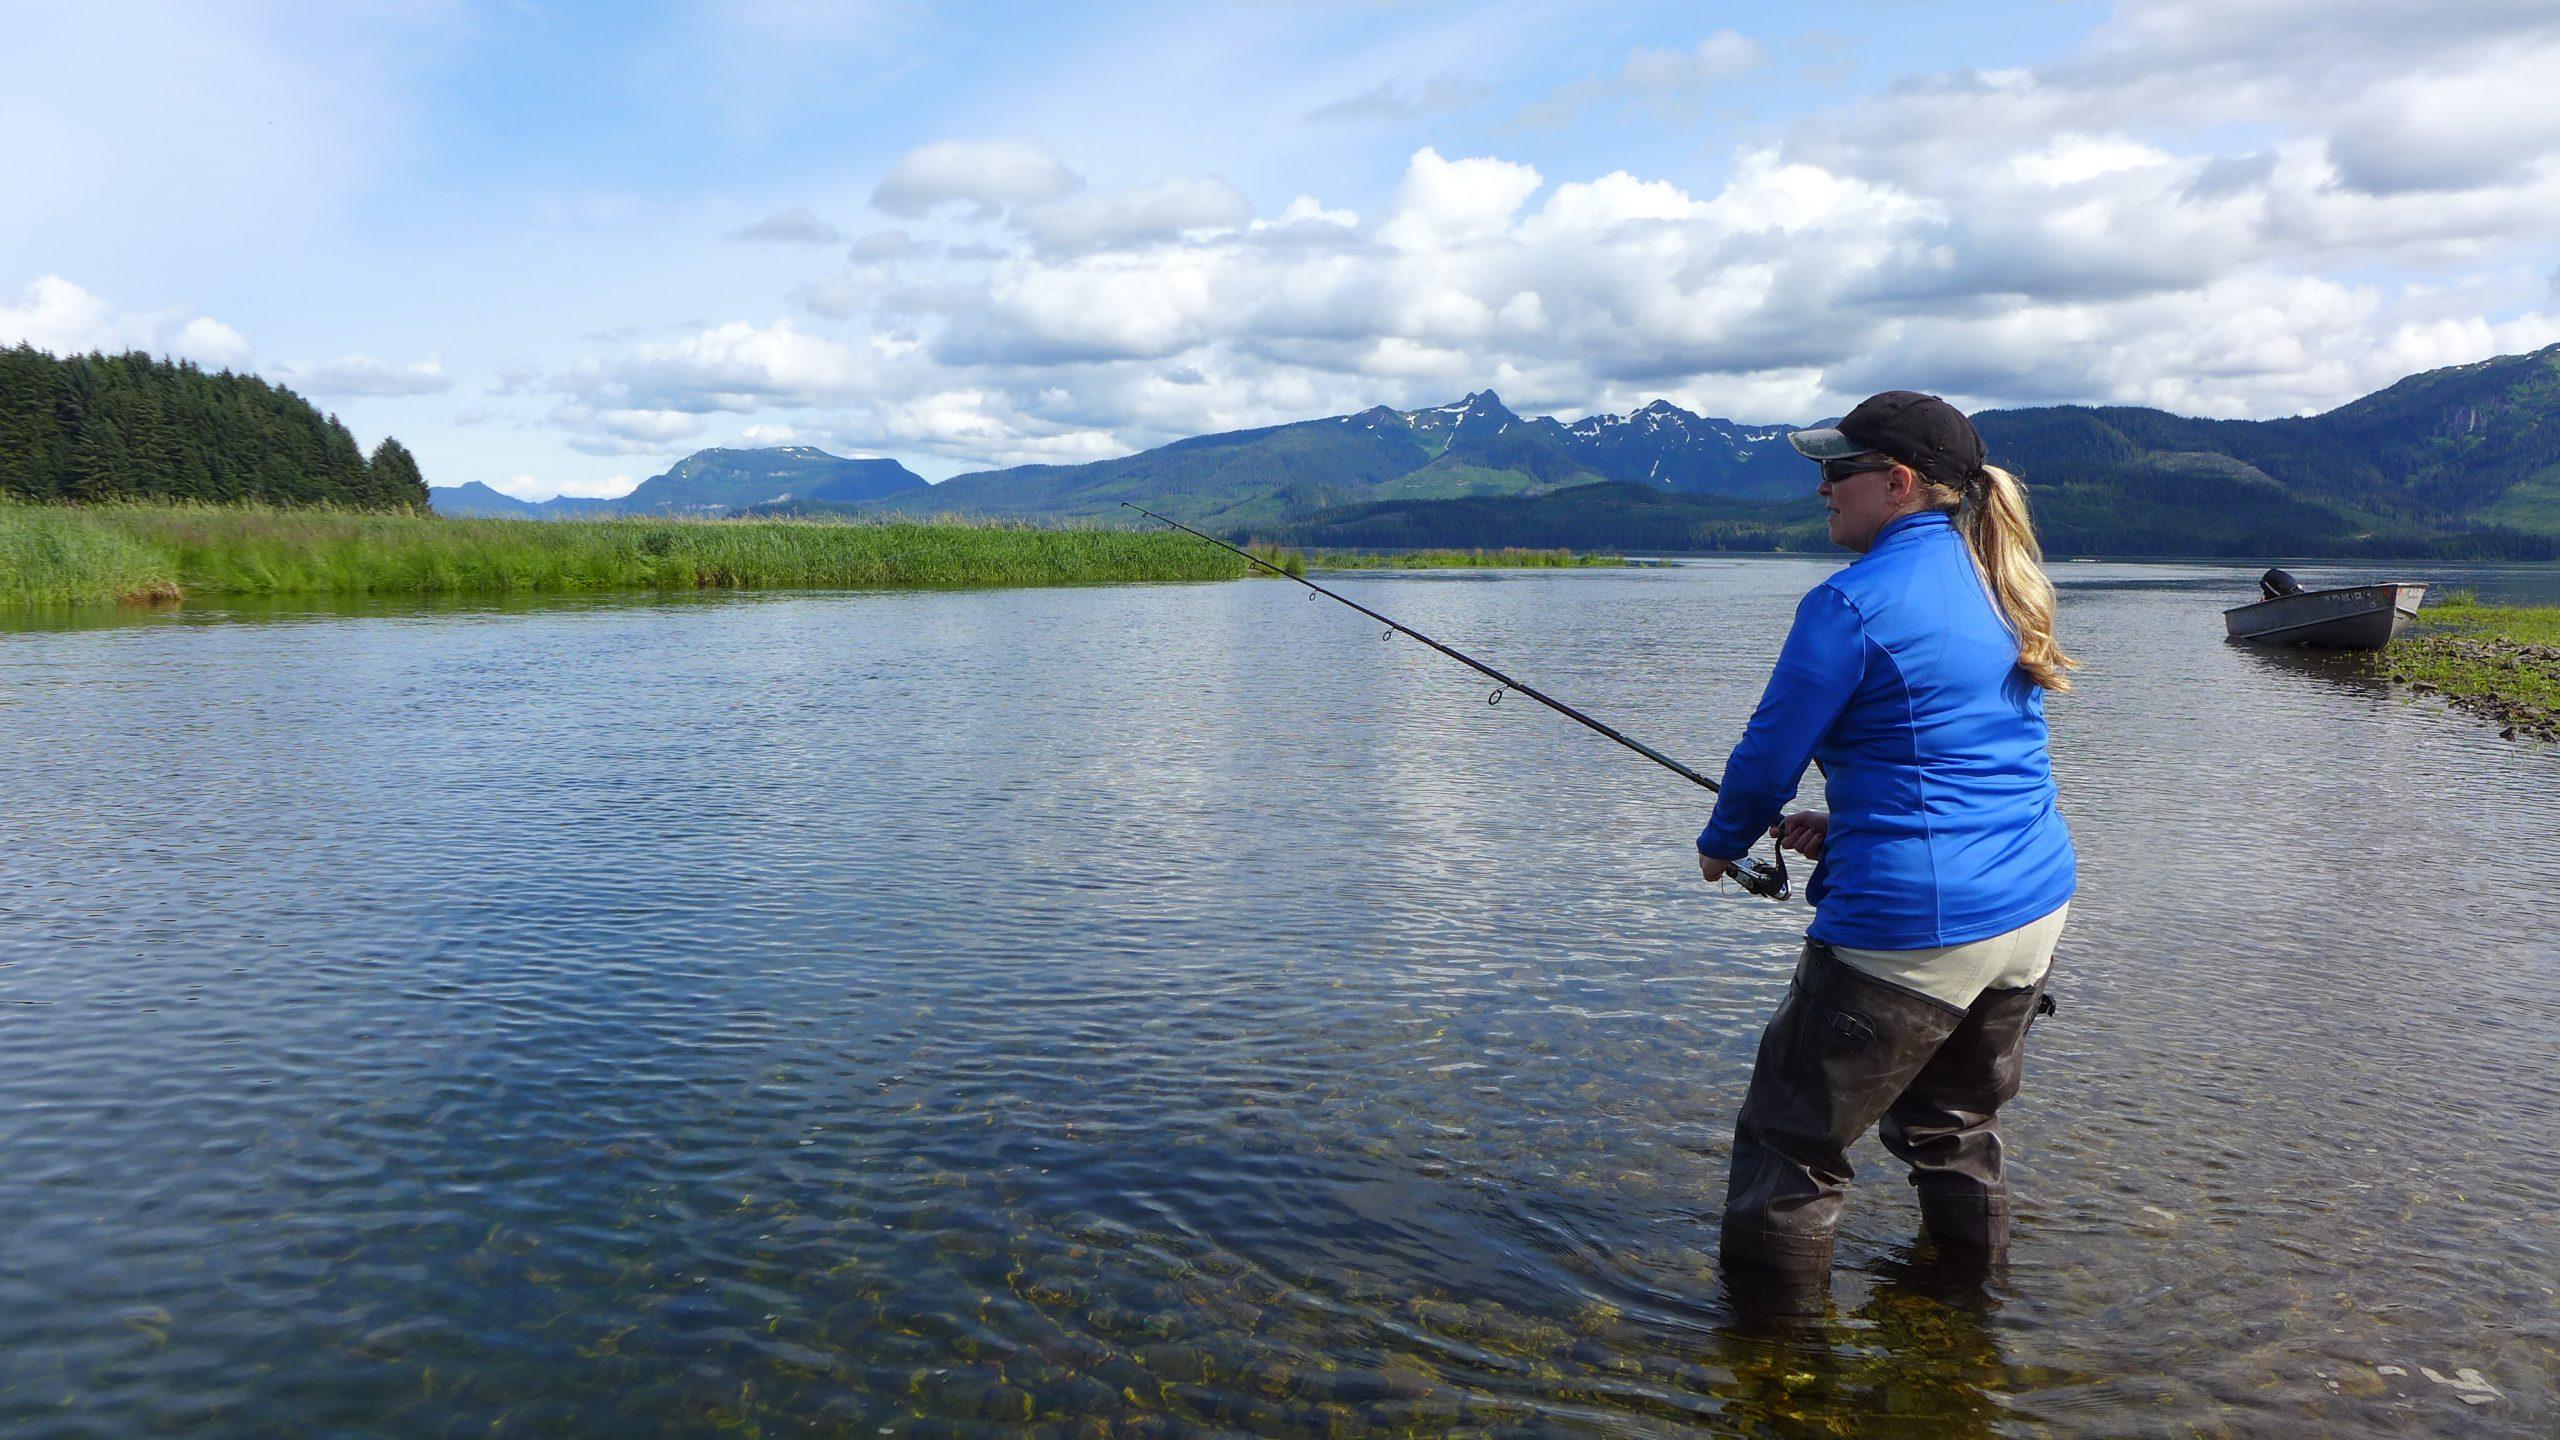 Salmon fishing credit flickr slashvee